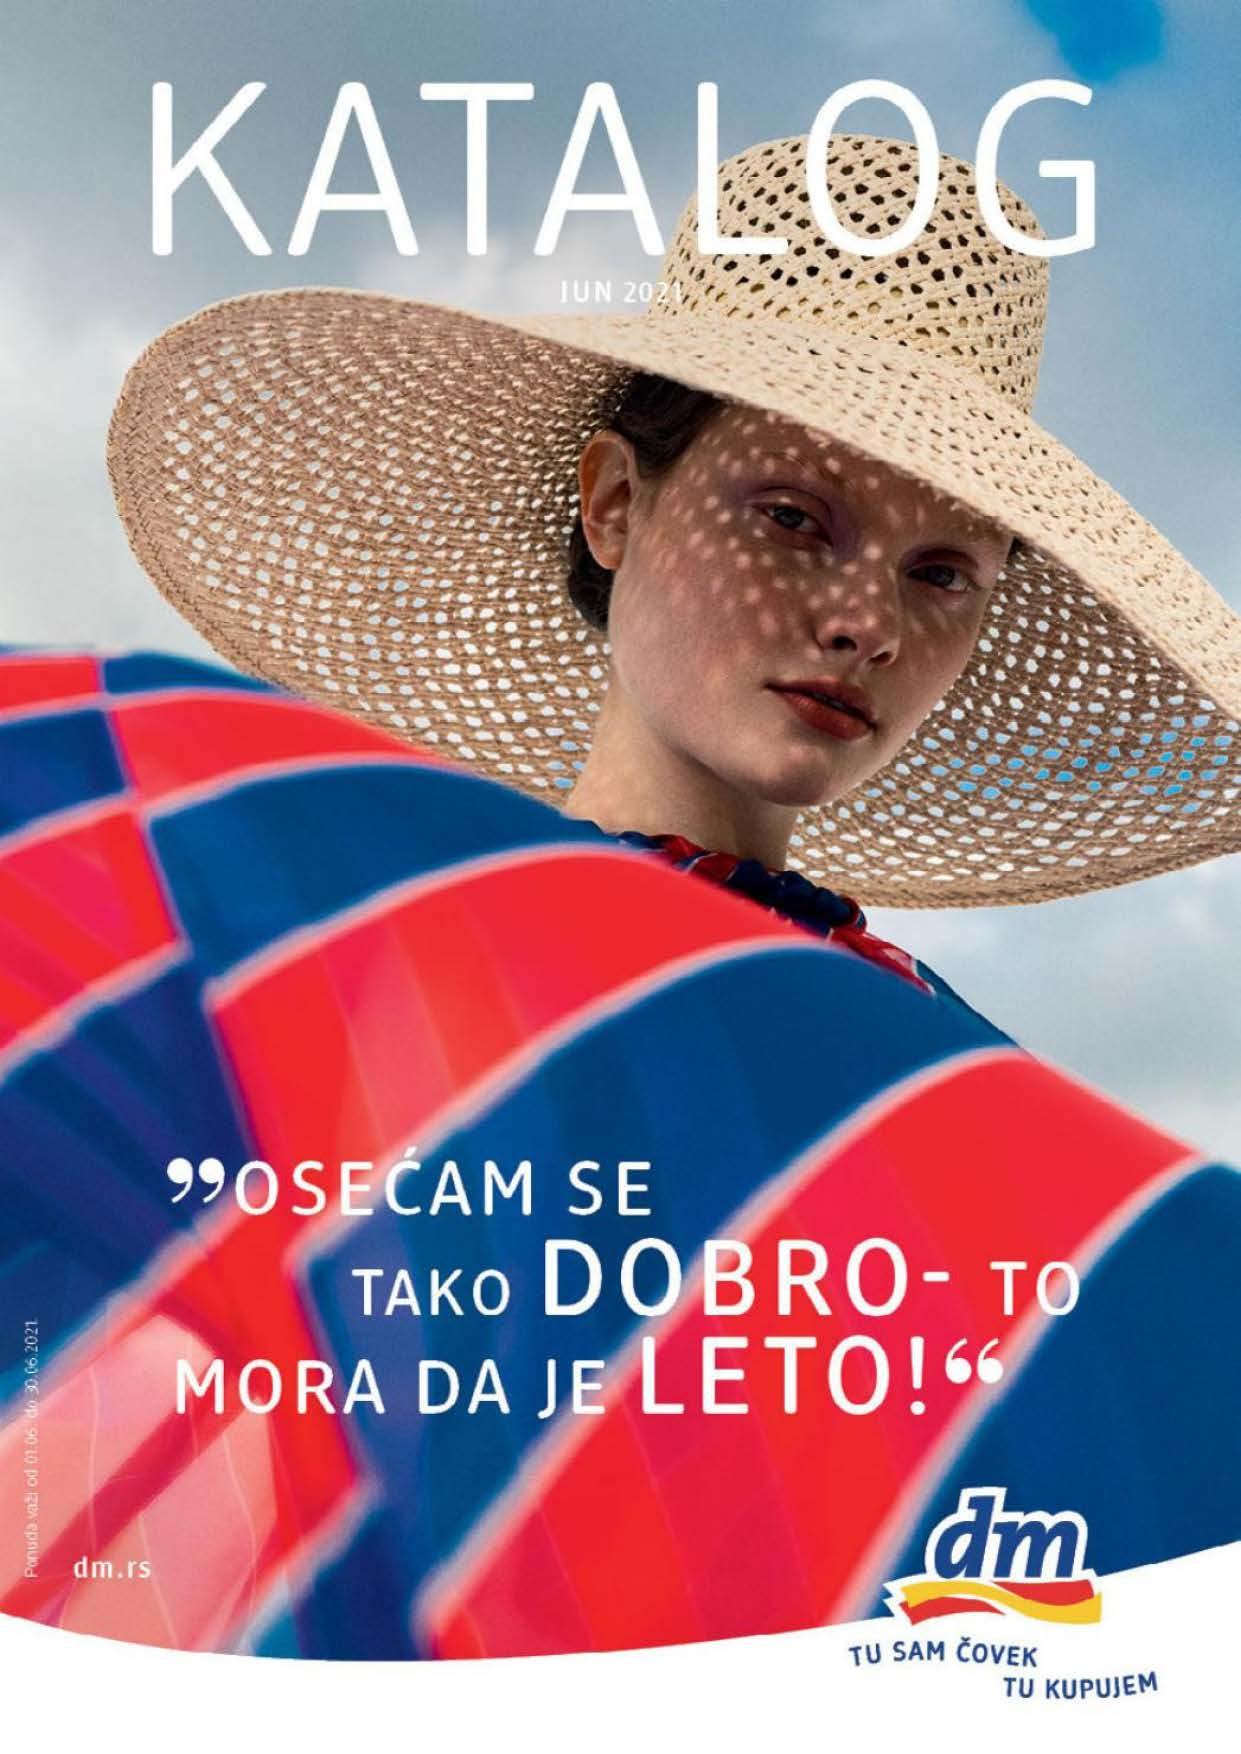 DM Katalog SRBIJA JUN 2021 01.06.2021. 30.06.2021. eKatalozi.com PR Page 01 1